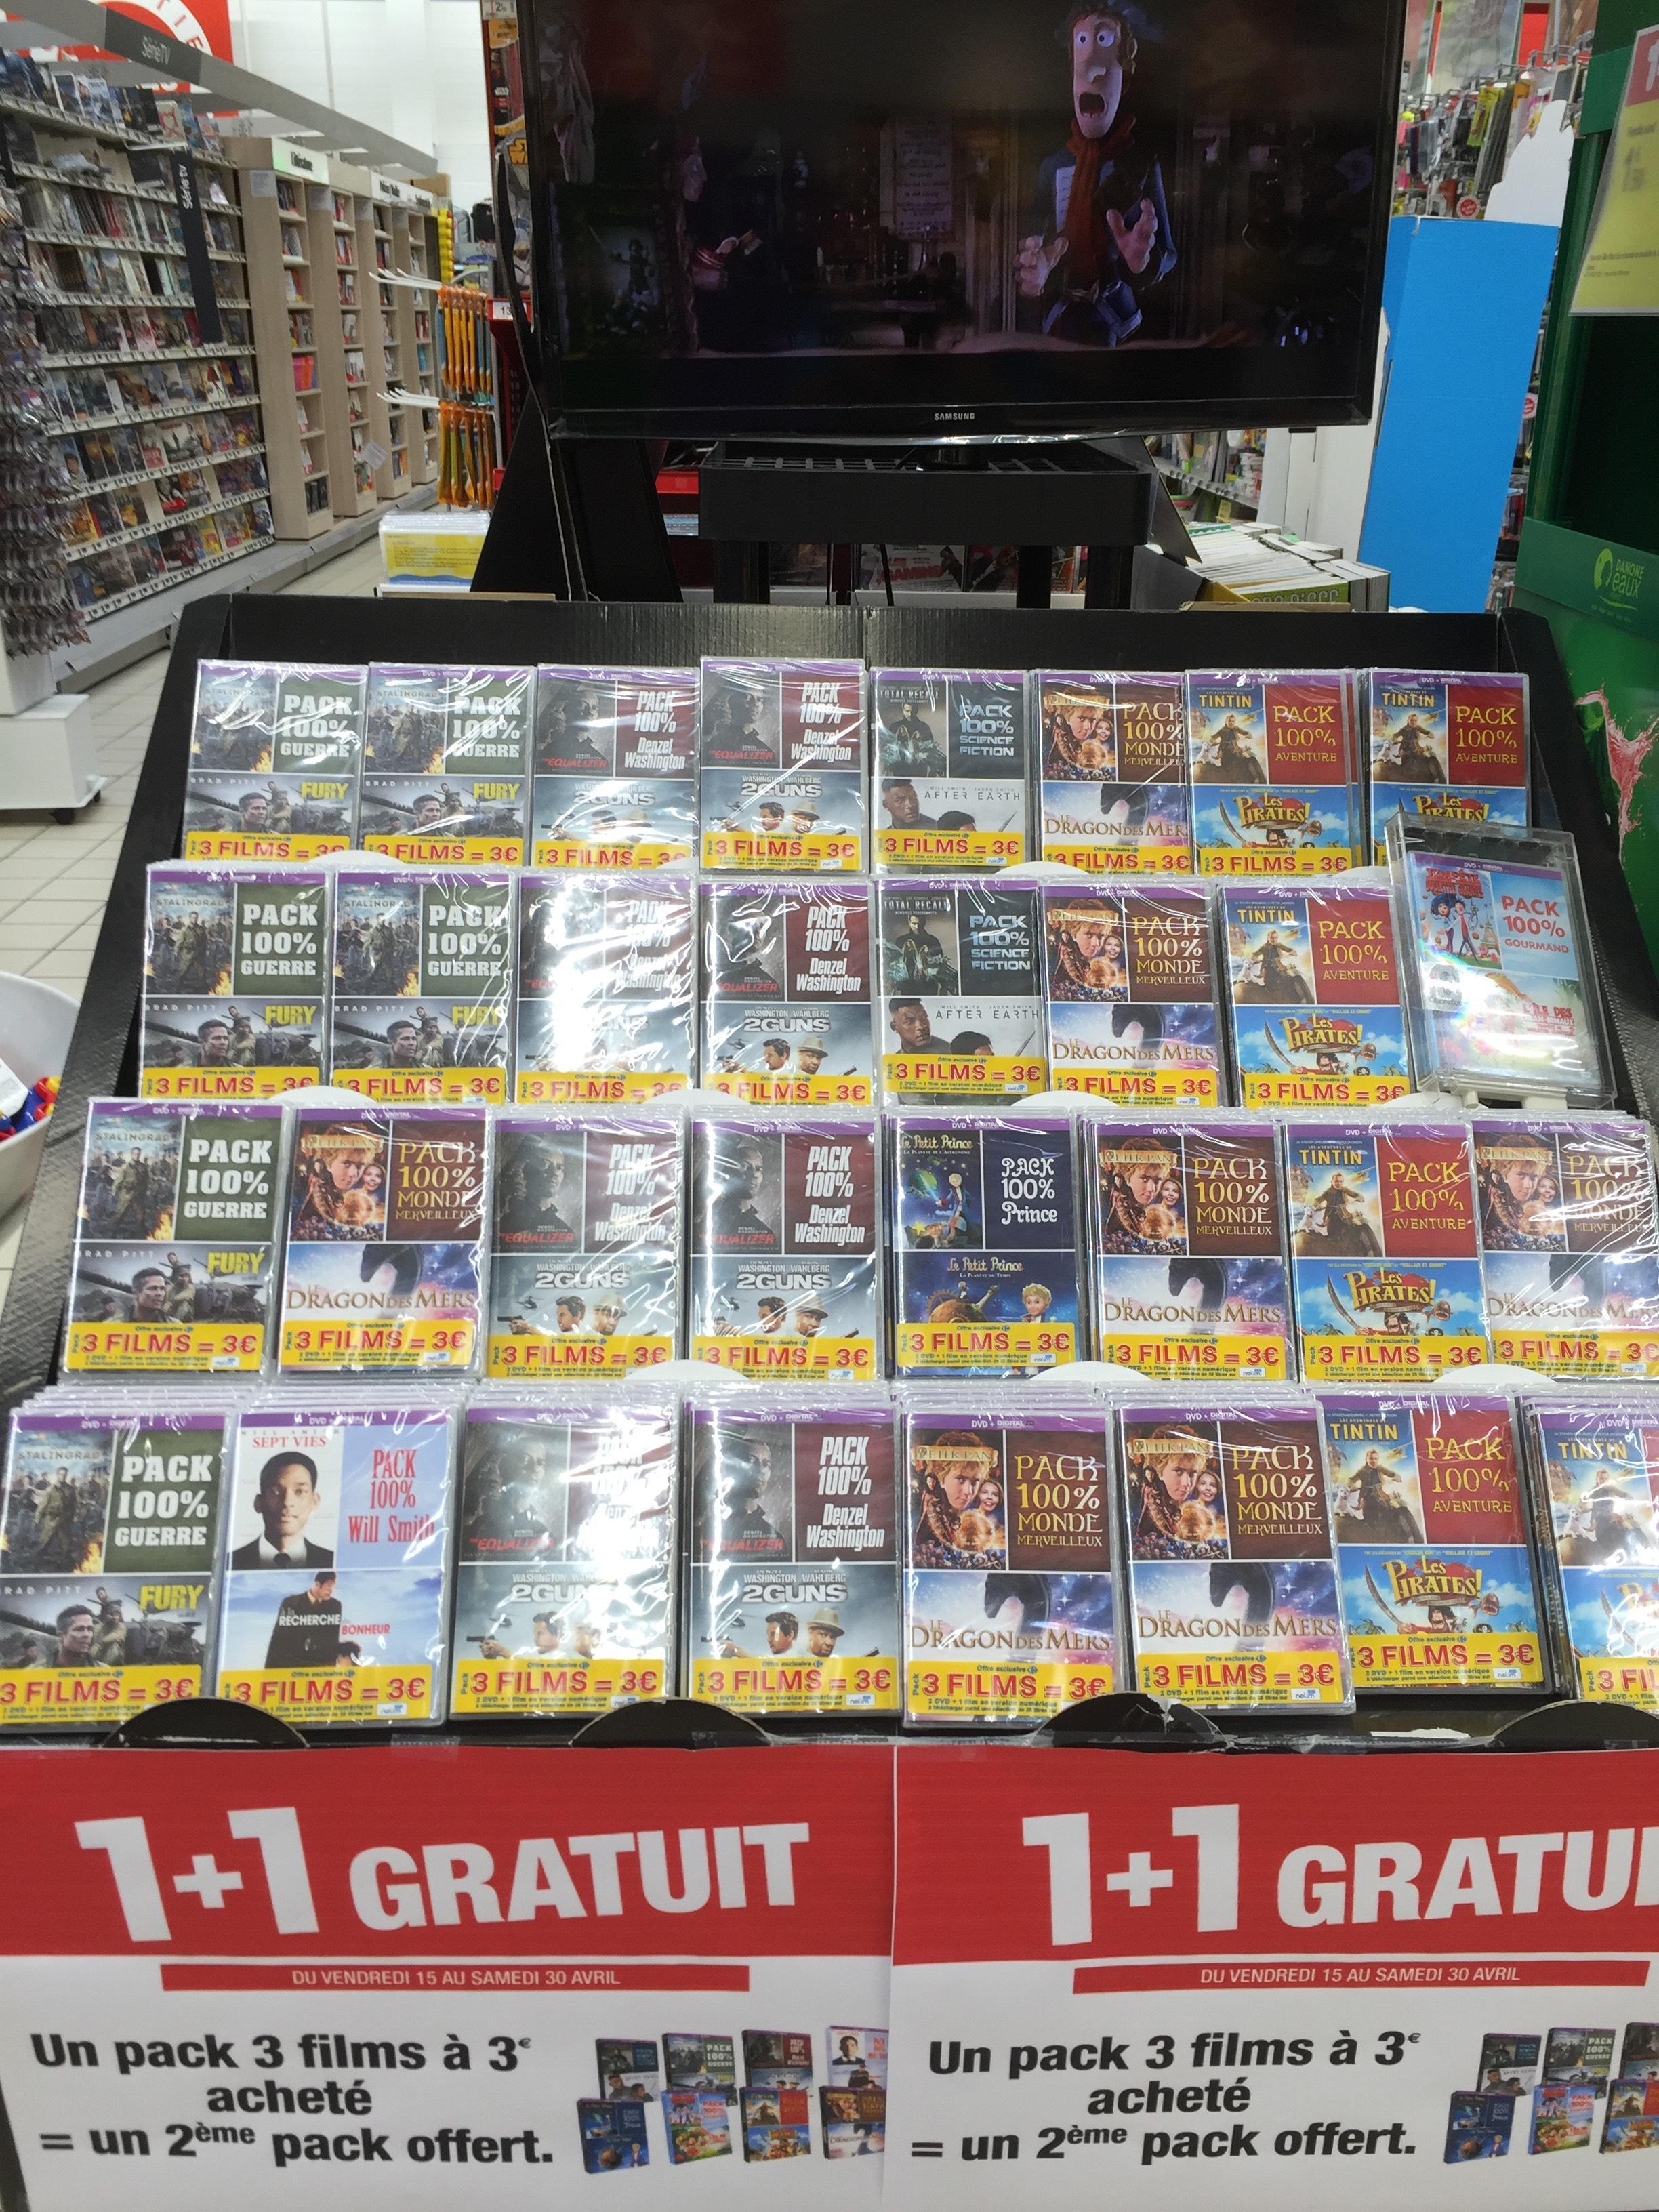 Deux packs de 3 films (2 DVD + 1 version numérique)